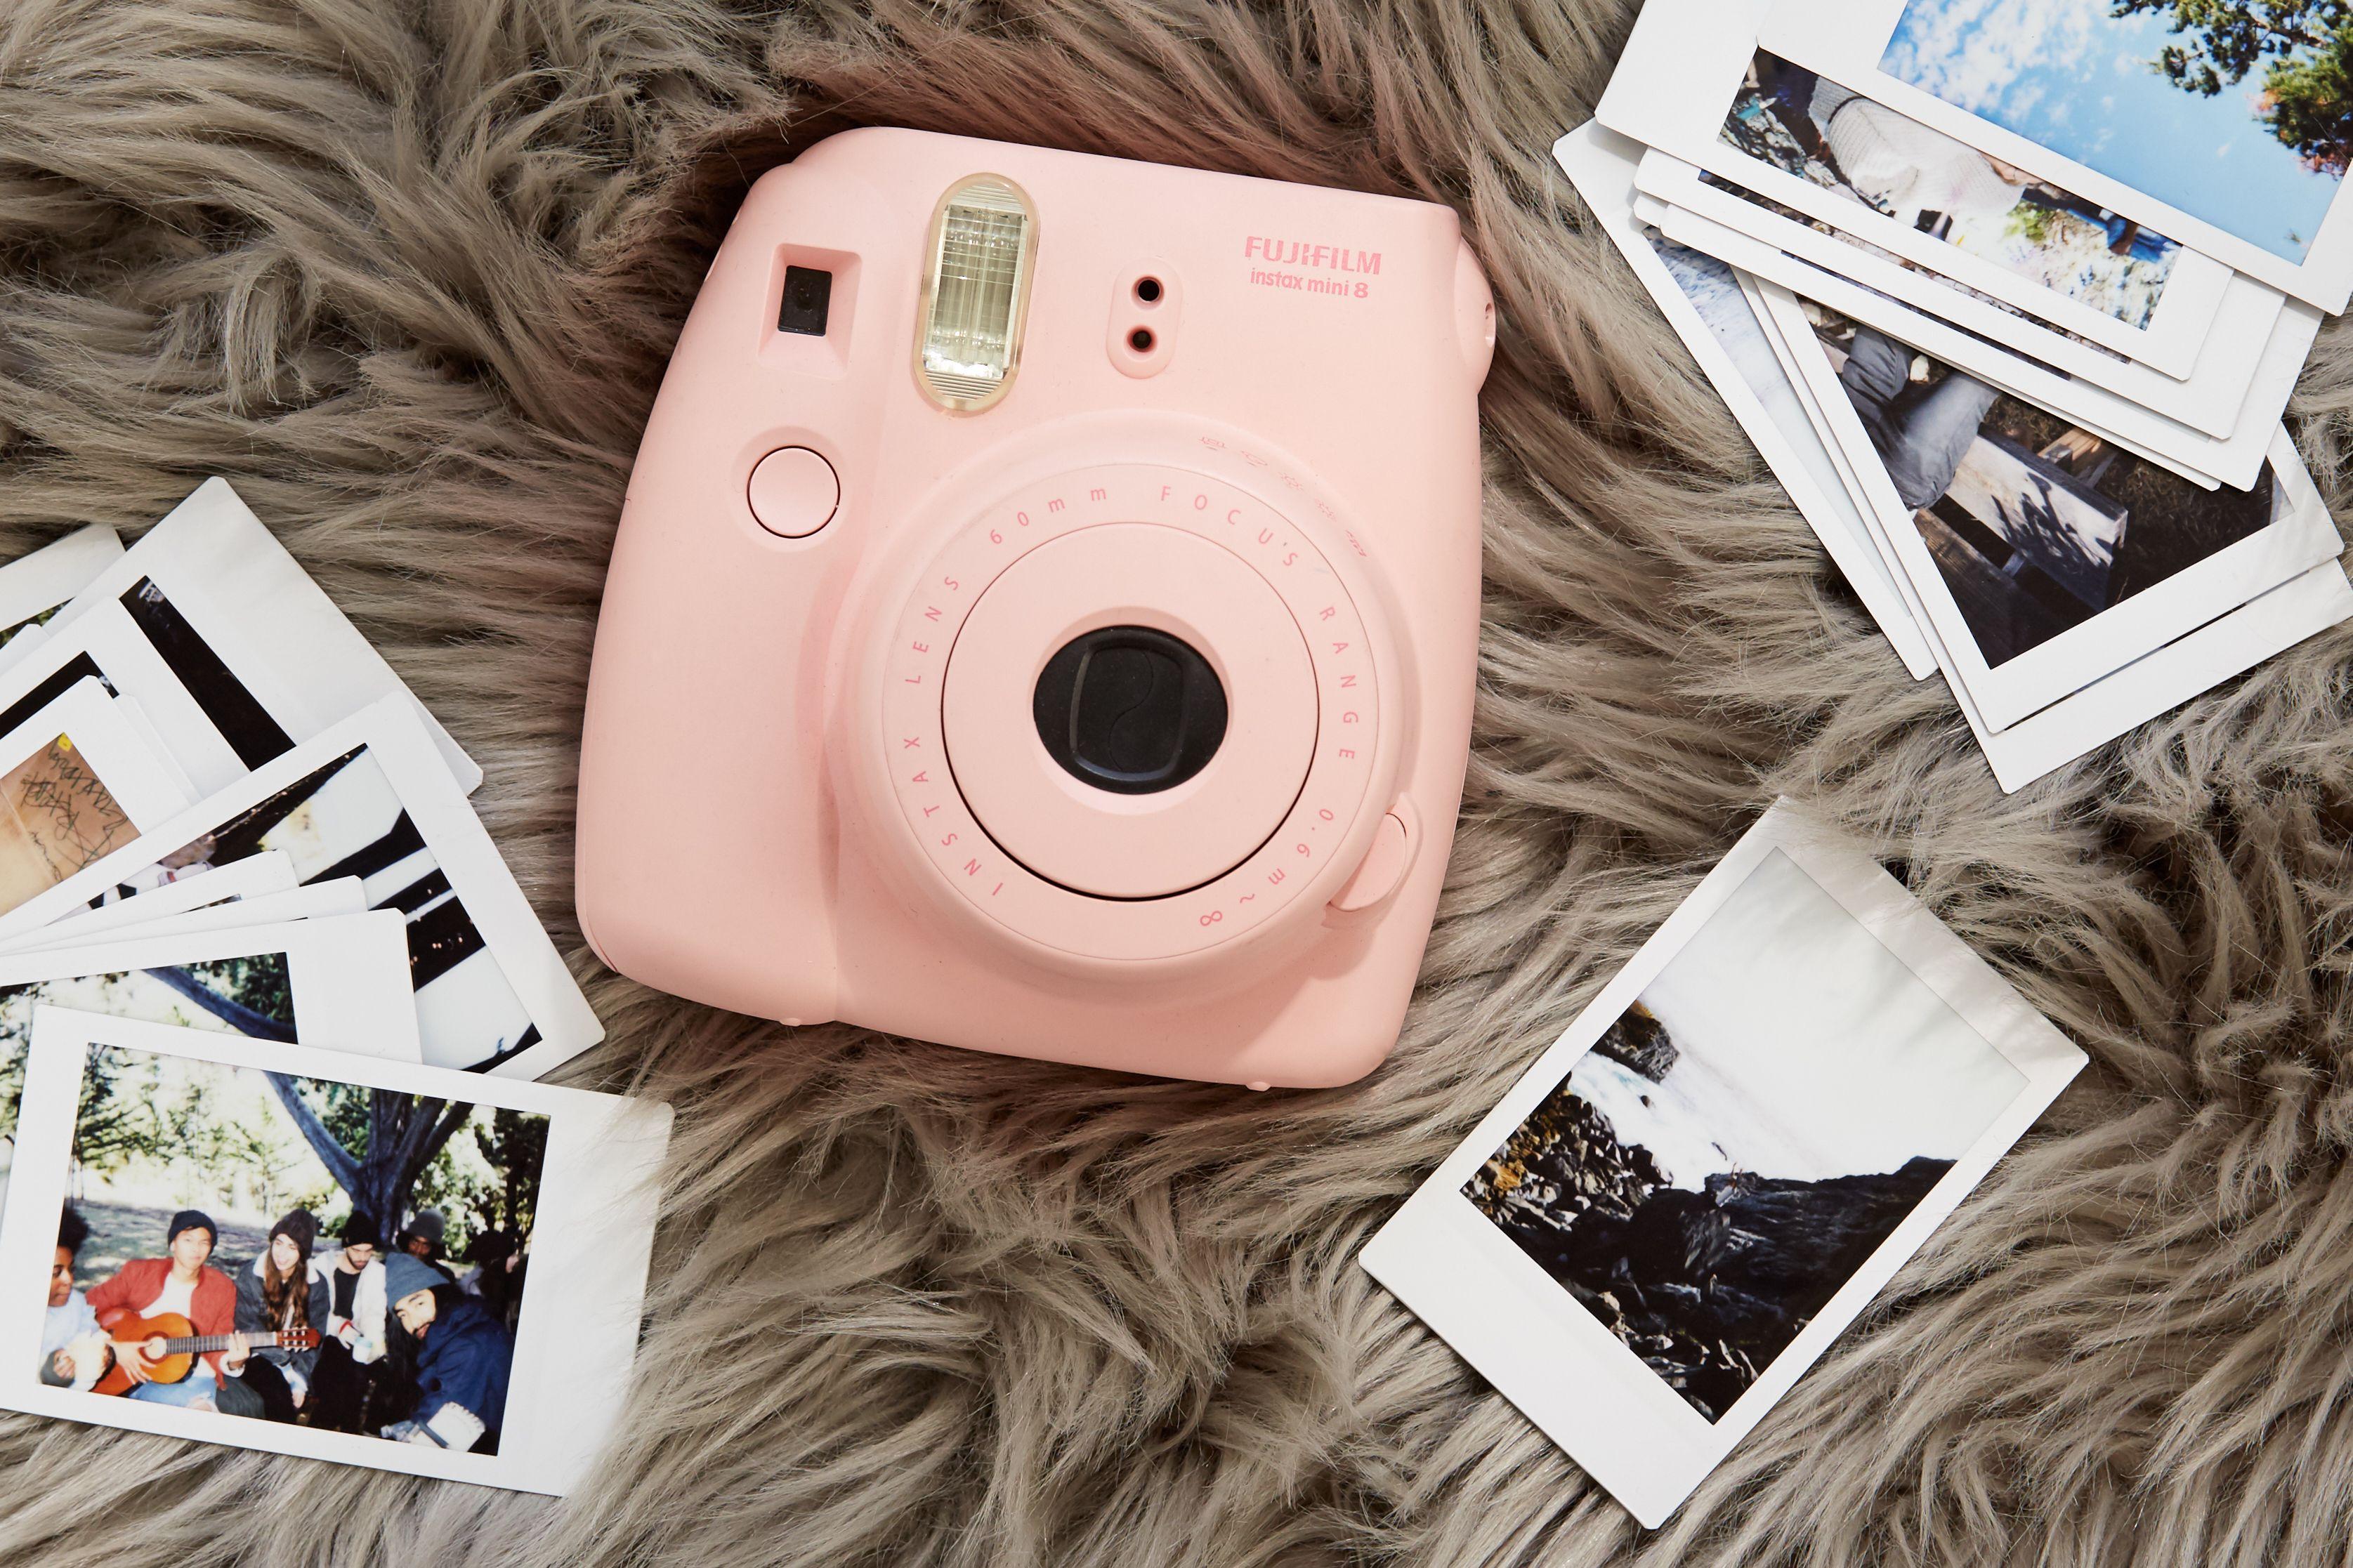 Polaroid Camera Urban Outfitters Uk : Fujifilm instax mini camera tárgyöröm fujifilm